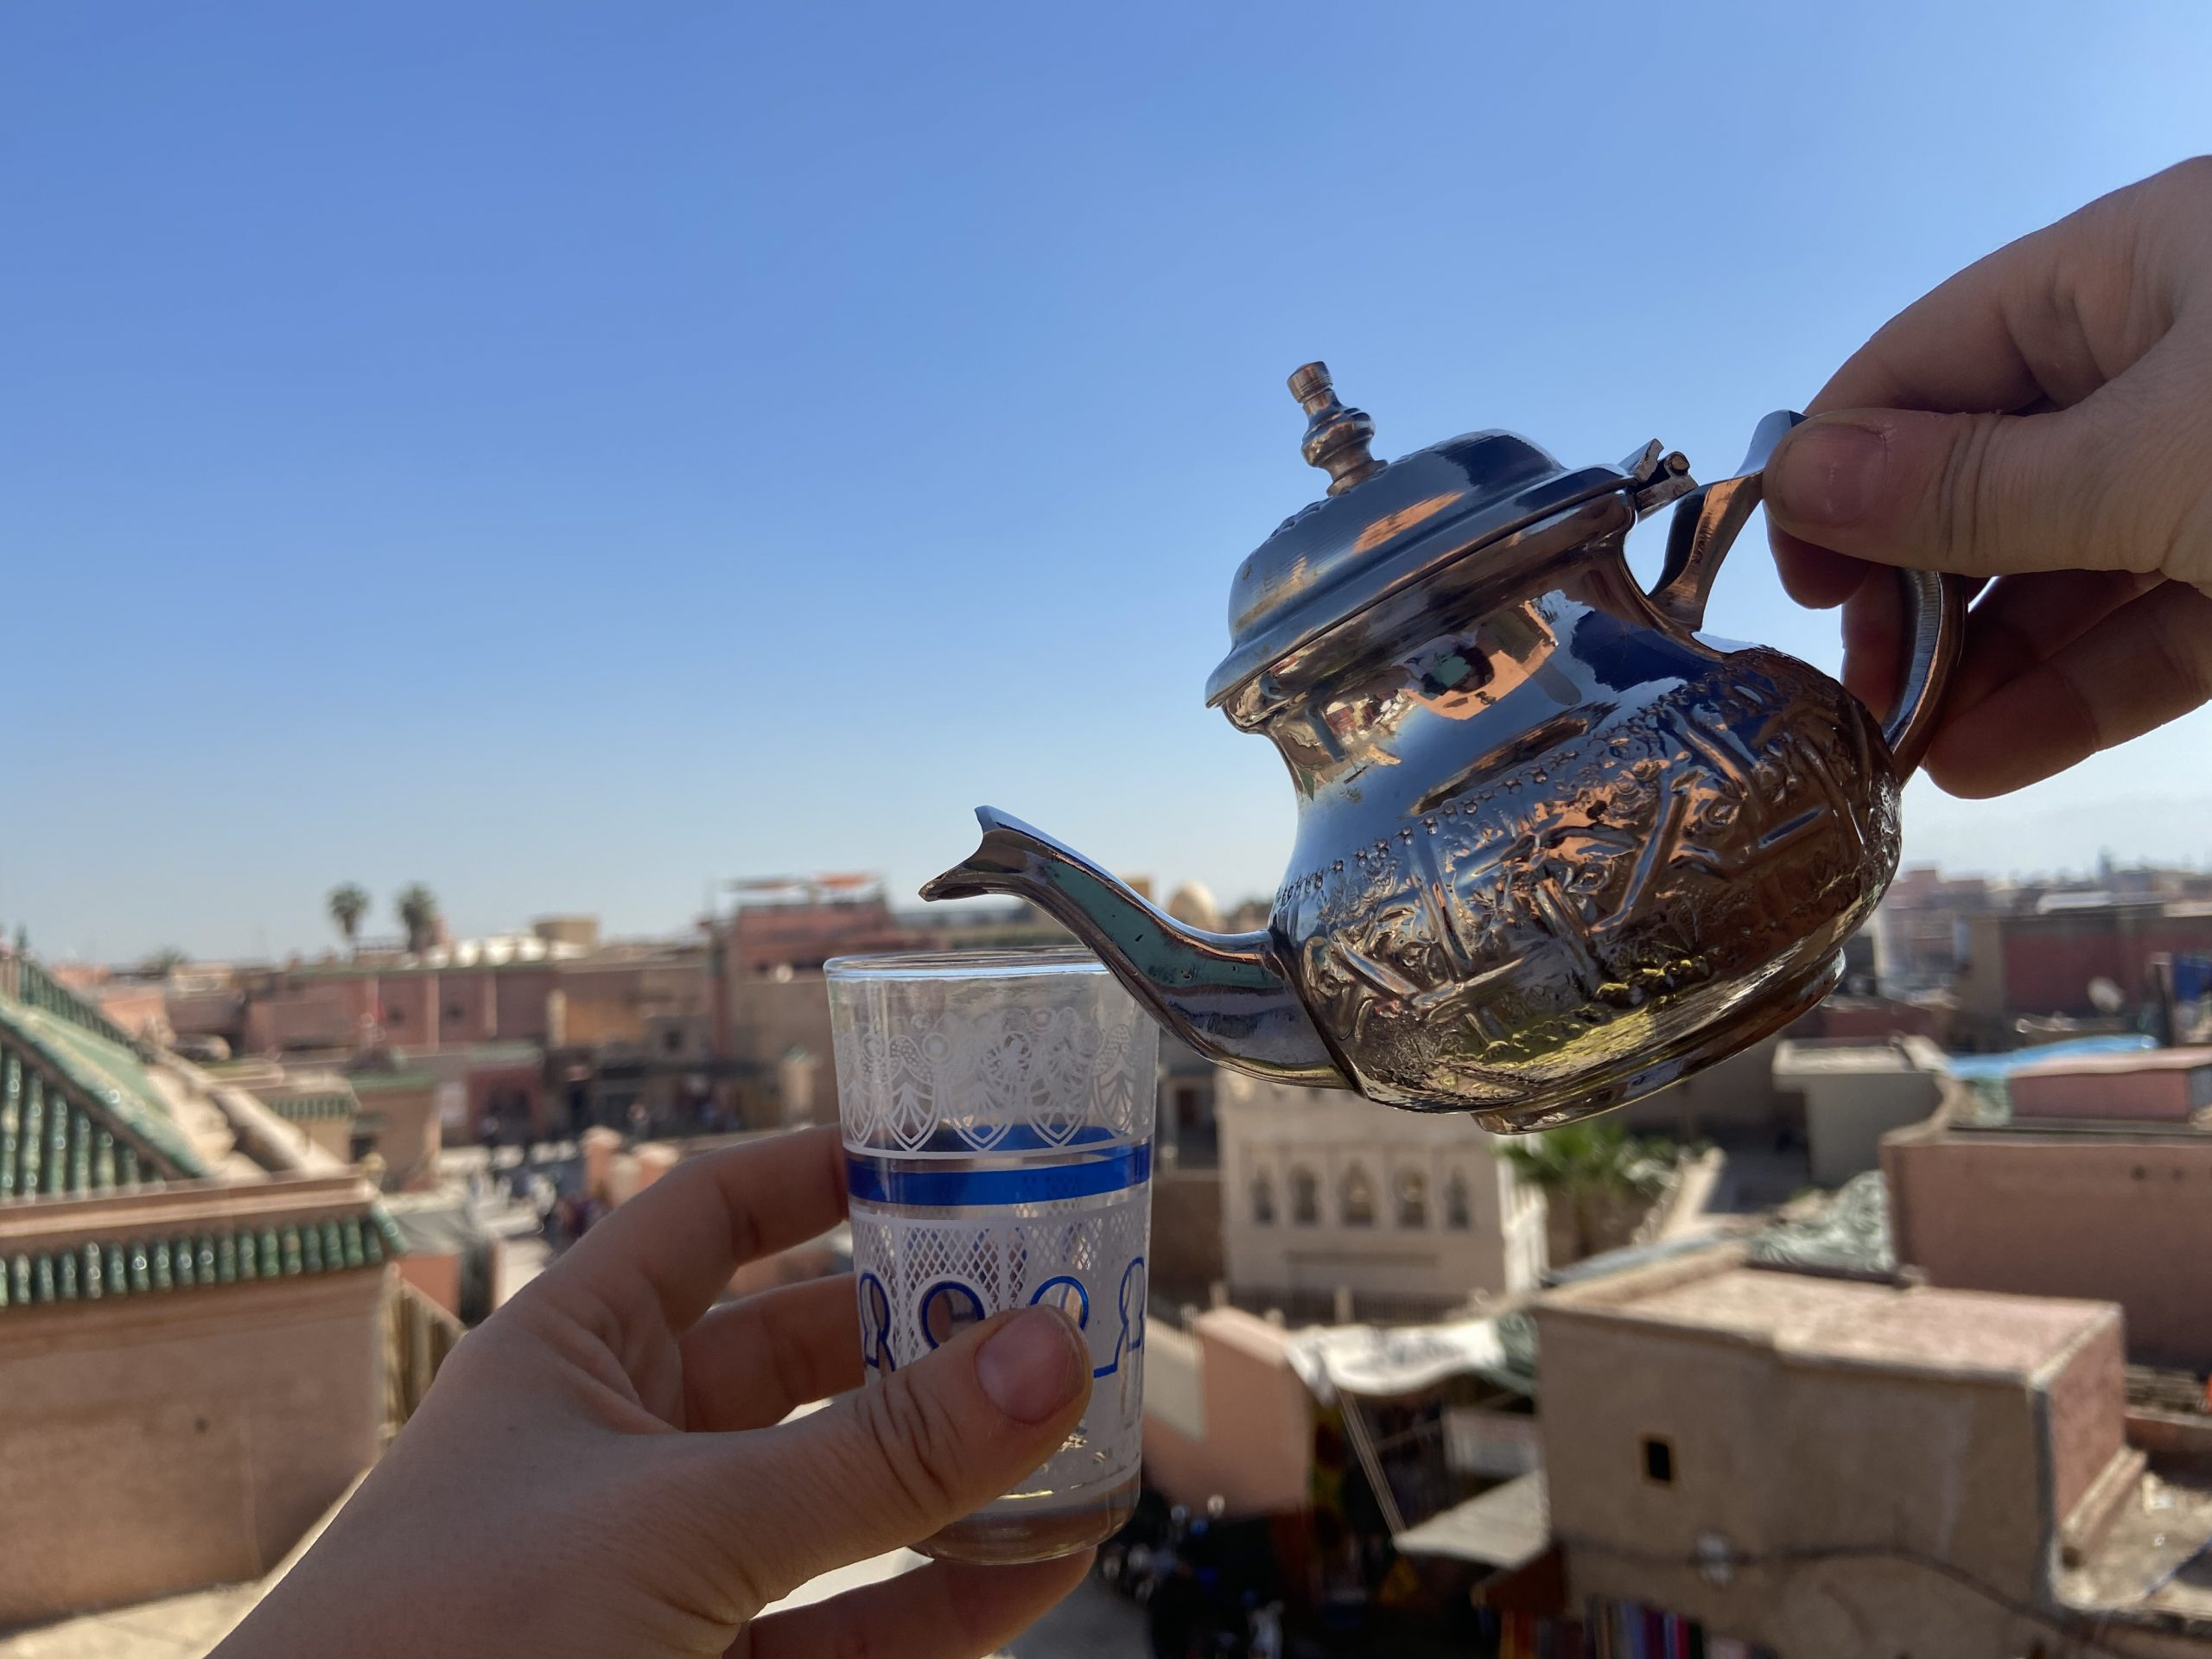 Come organizzare 3 giorni a Marrakech da sola